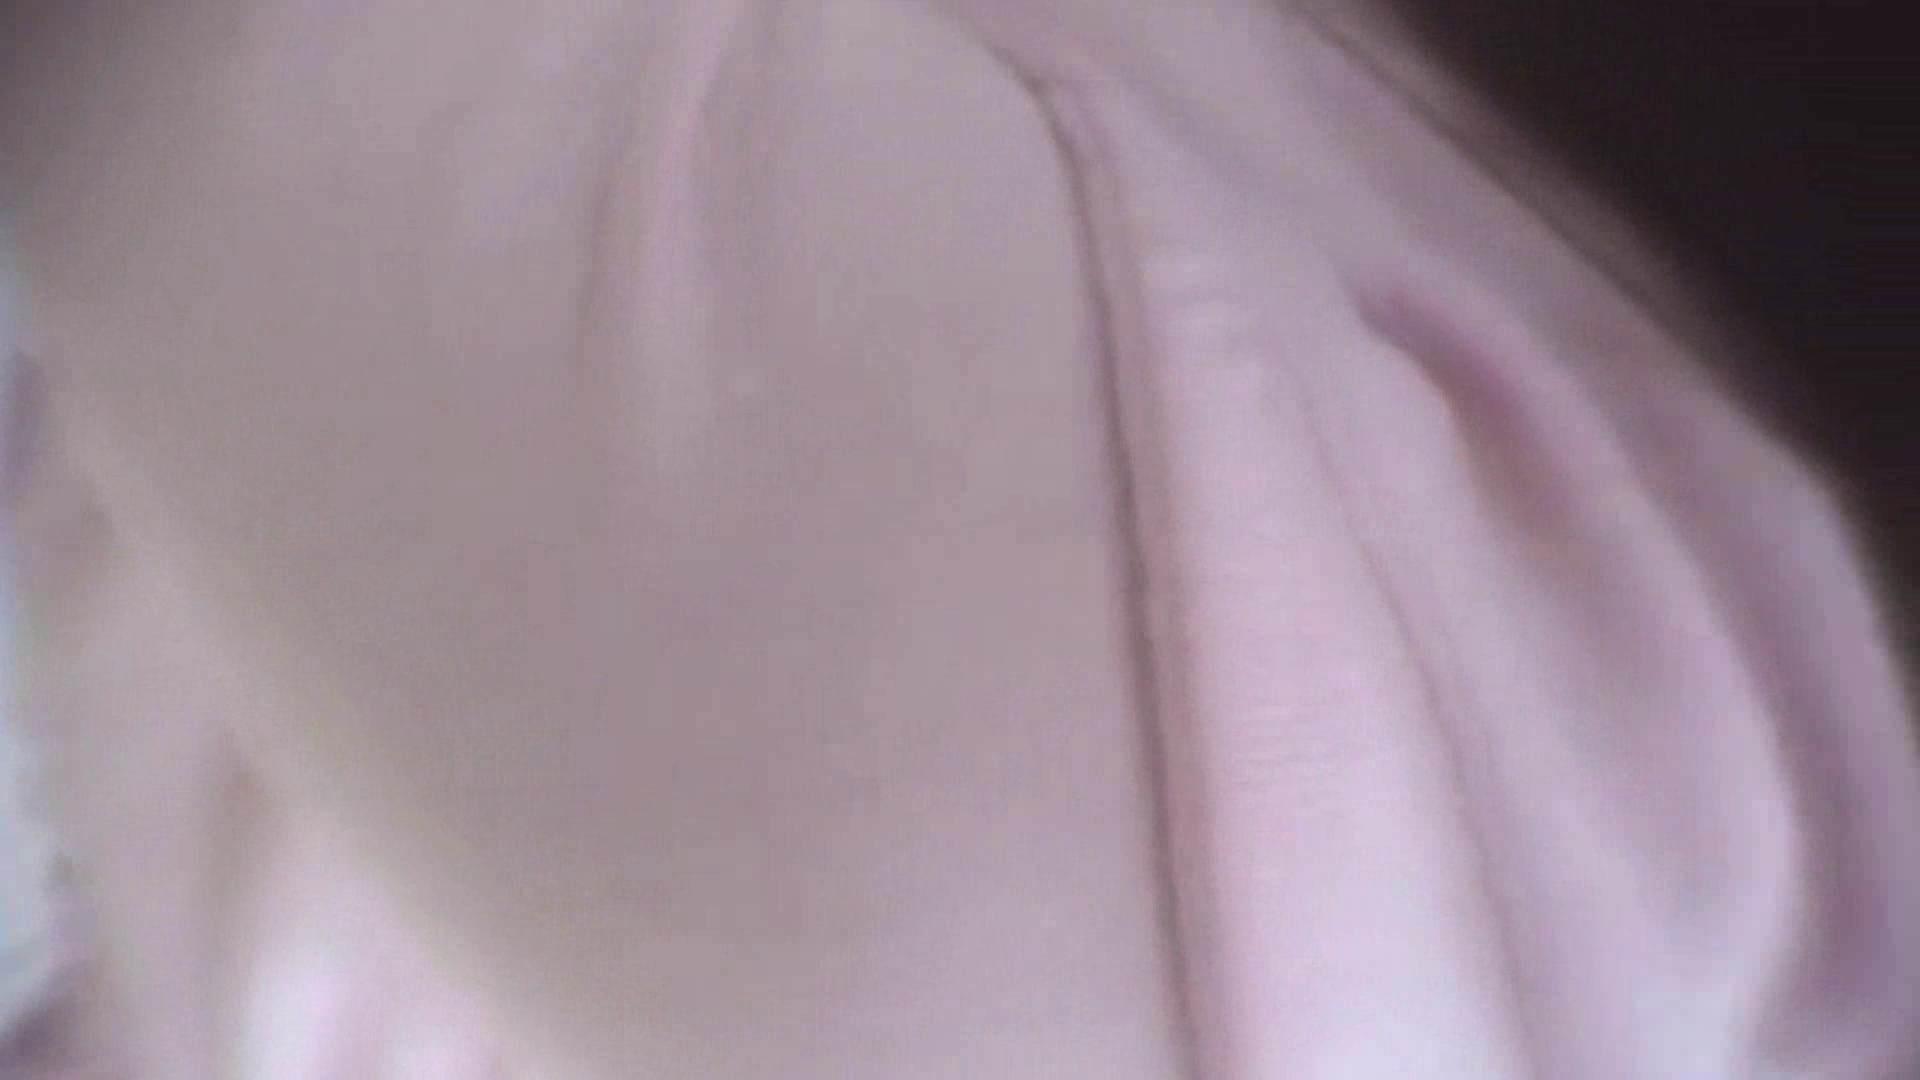 真剣に買い物中のgal達を上から下から狙います。vol.04 フェチ オマンコ無修正動画無料 51pic 12